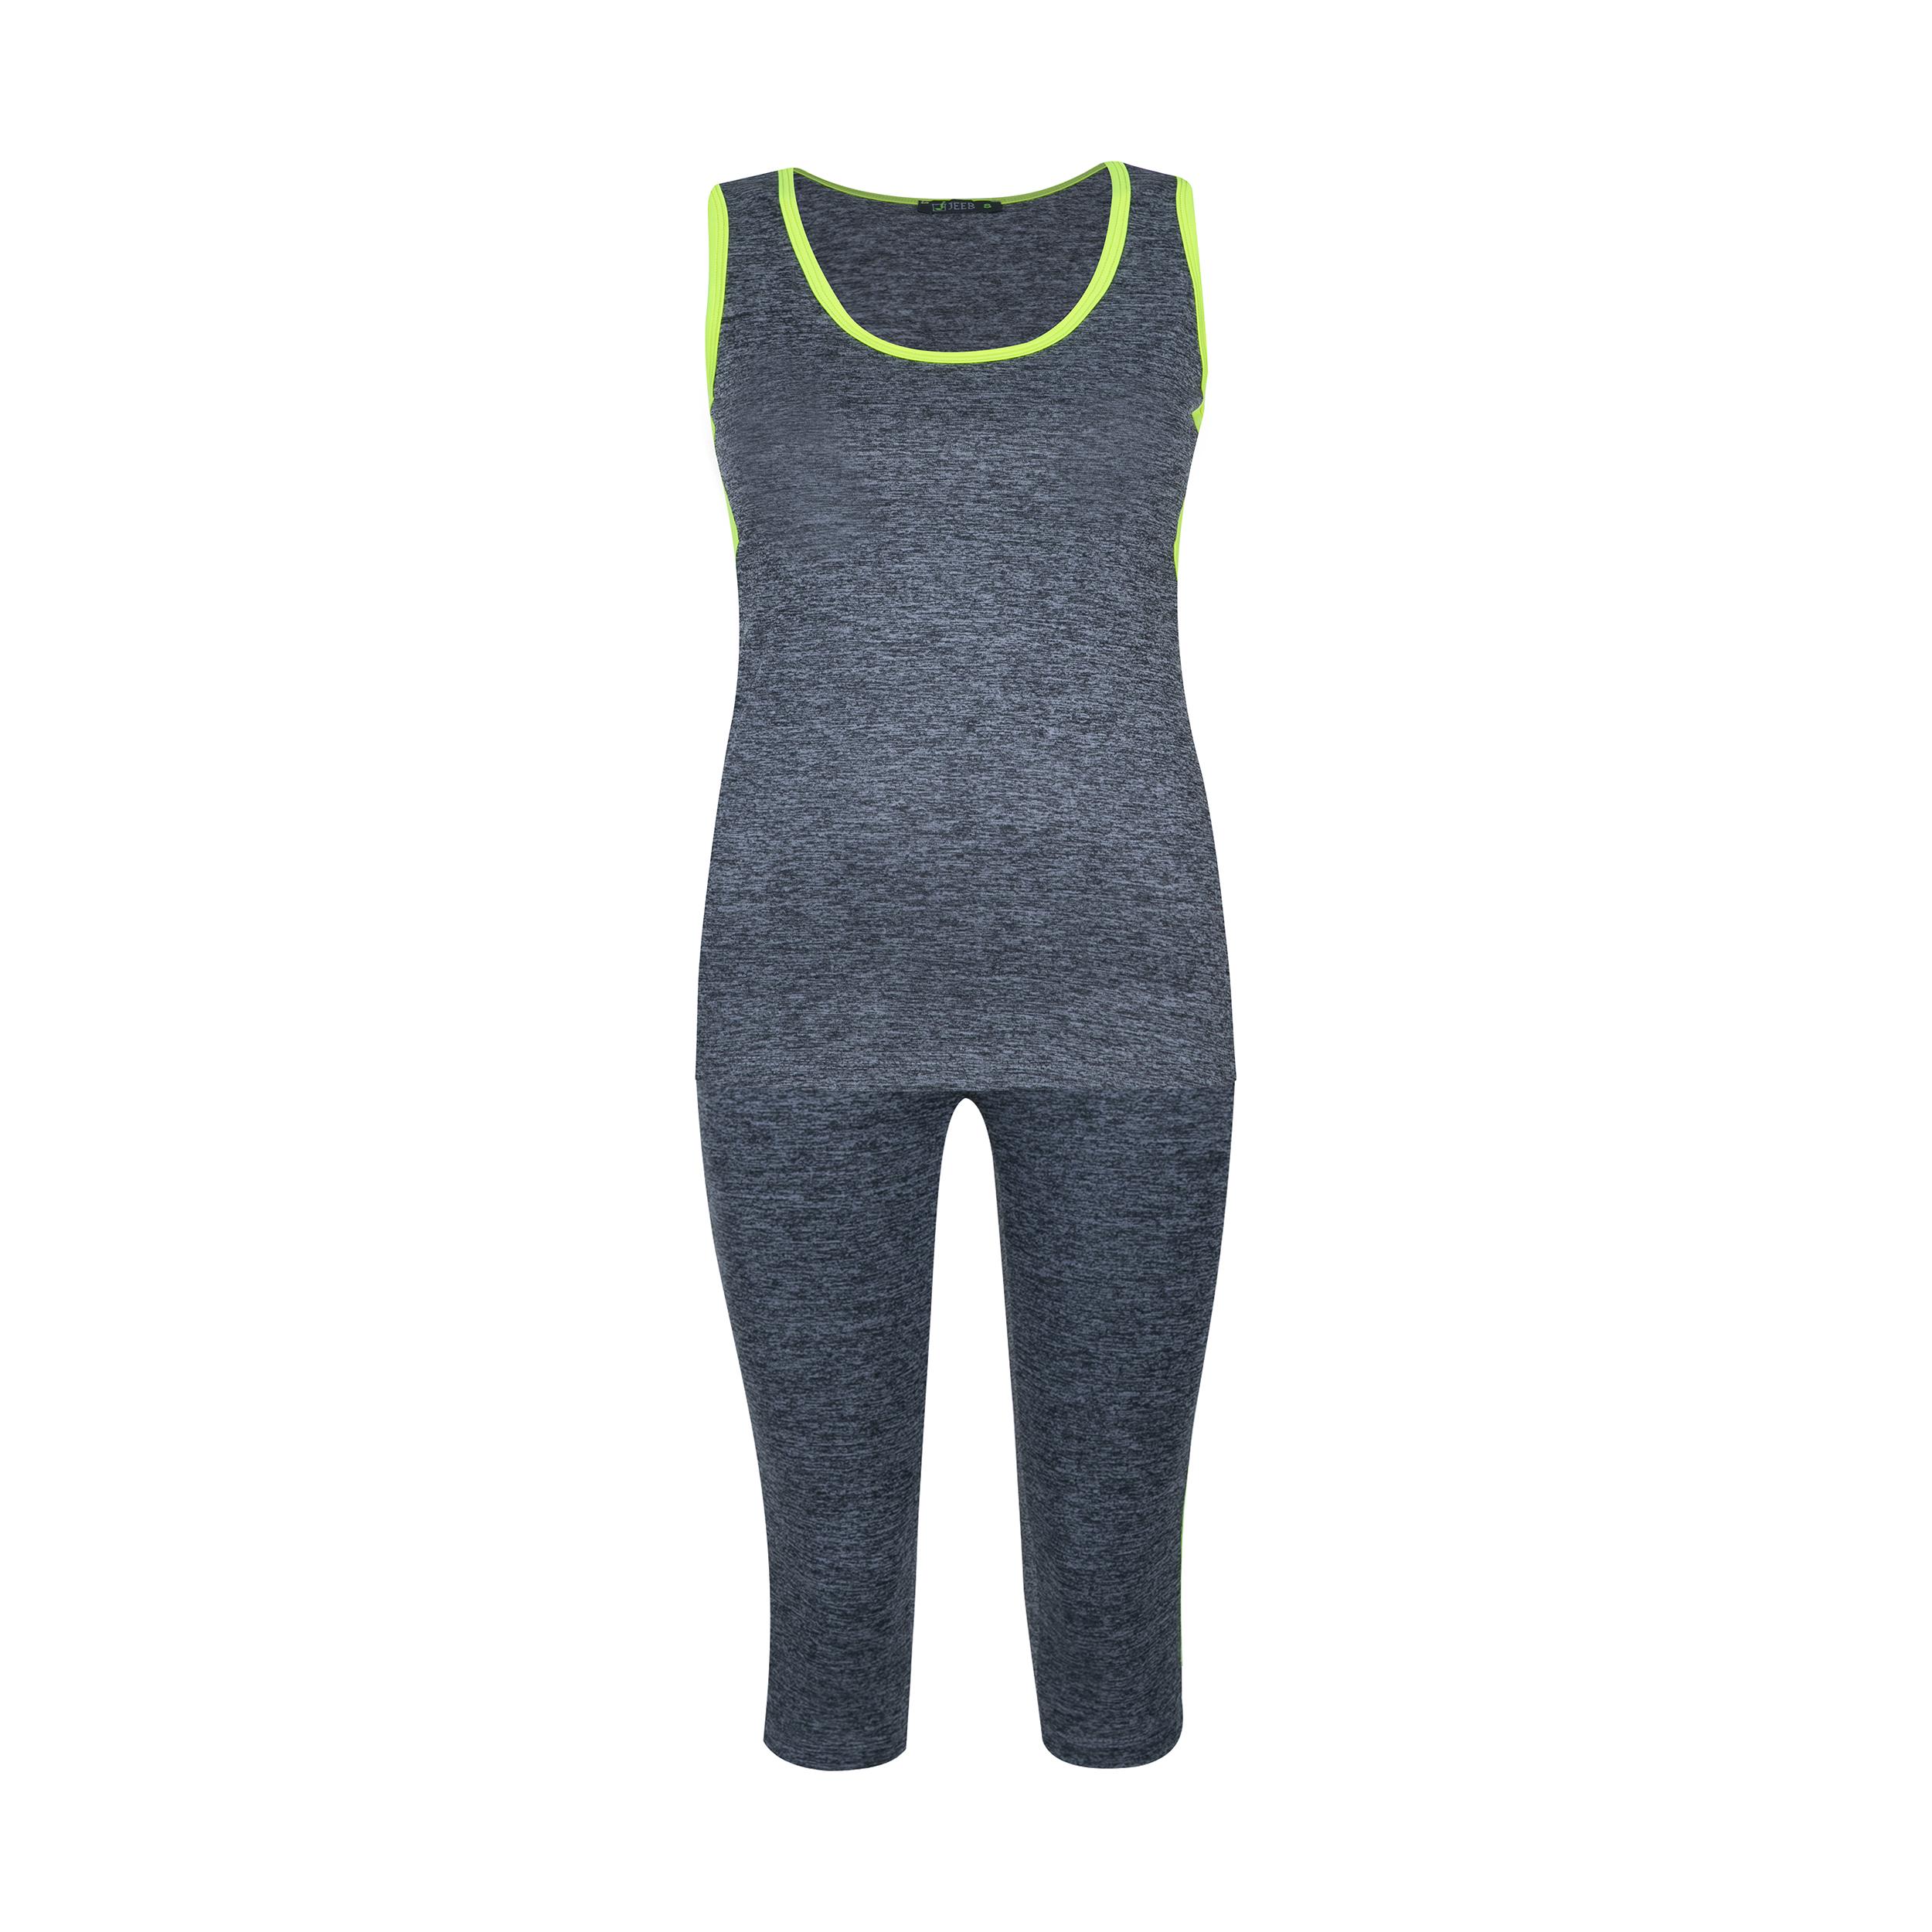 ست تاپ و شلوارک ورزشی زنانه کد moline-tu-fos 001